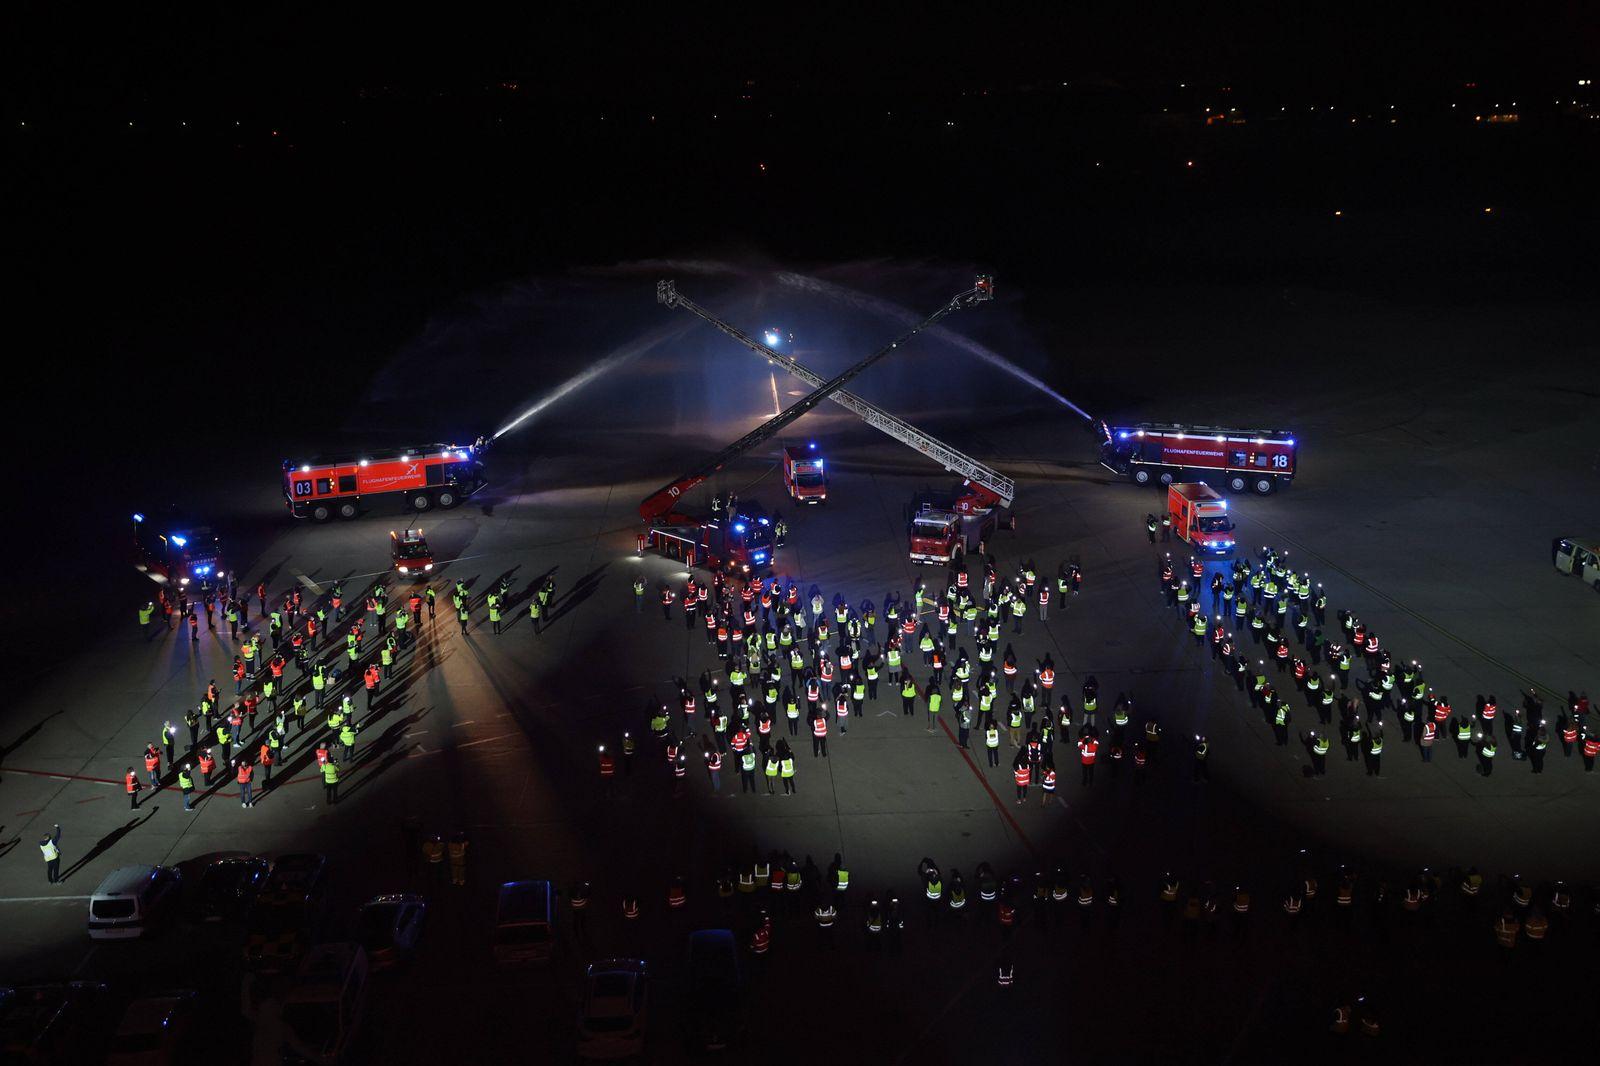 Die Lichter gehen aus am Flughafen Berlin Tegel TXL. Hier bilden die Mitarbeiter nach dem letzten Flug am Samstag Abend